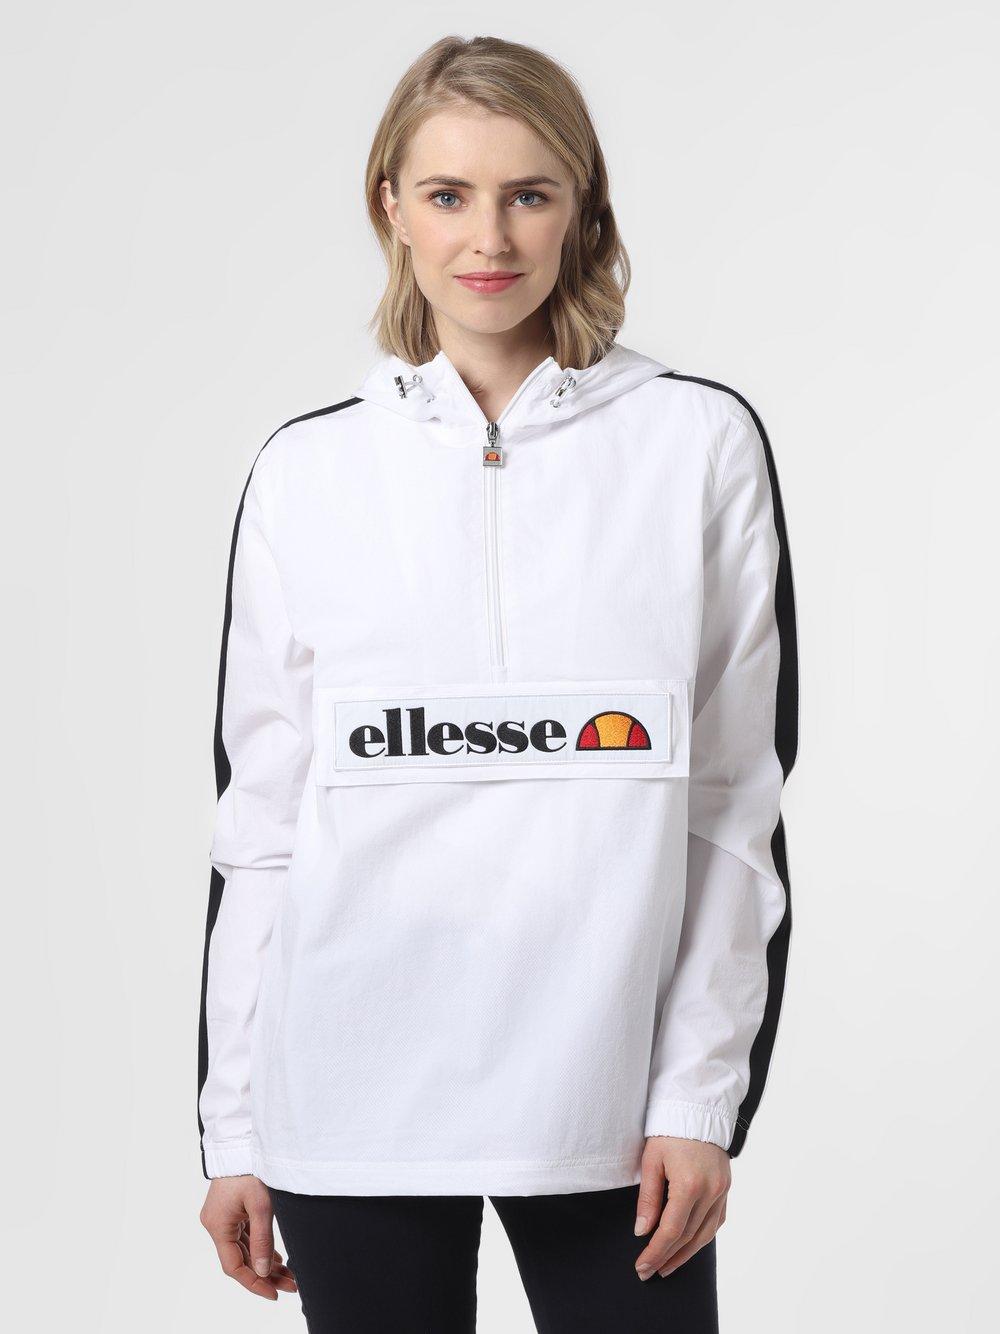 ellesse - Kurtka damska – Tonvilli, biały